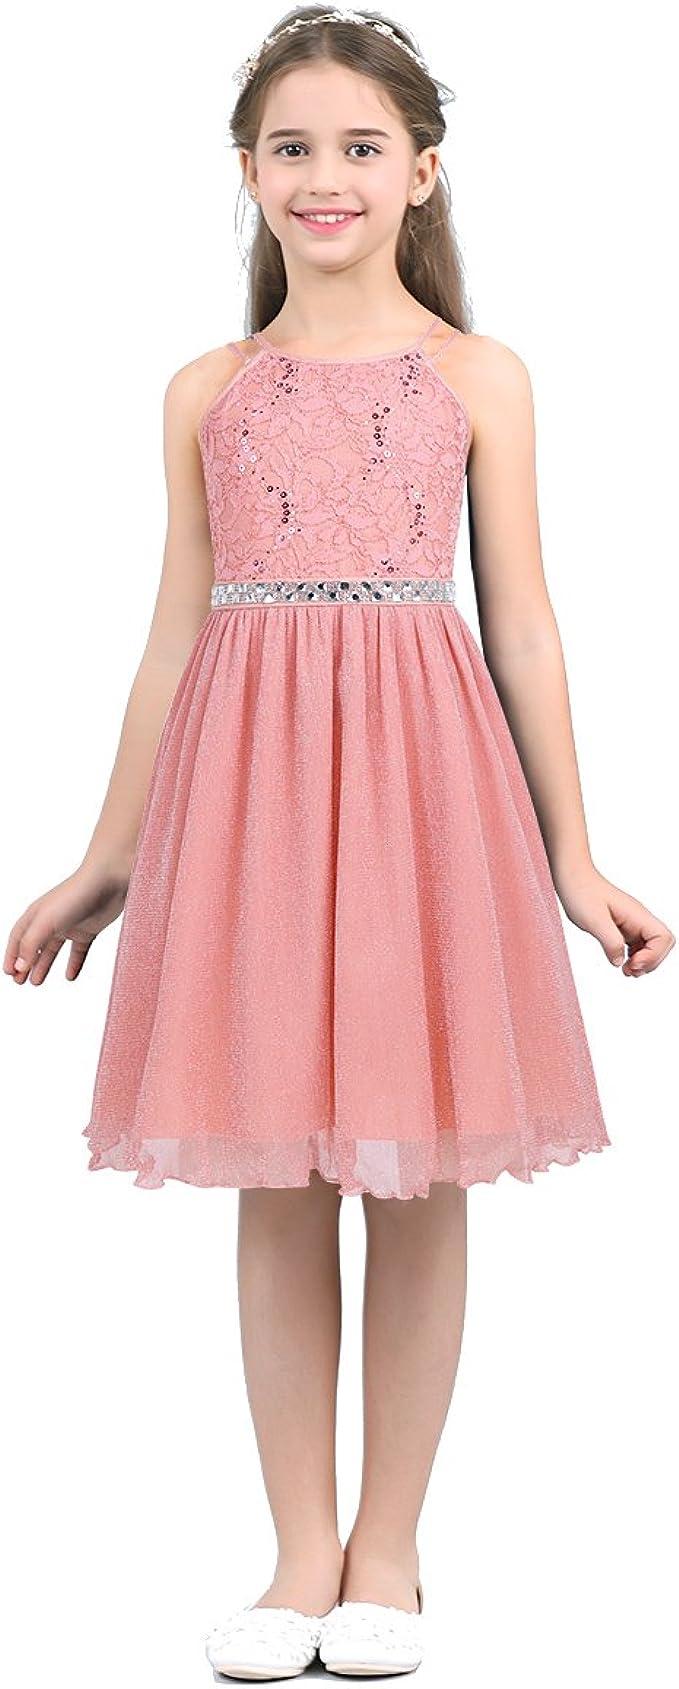 Freebily Mädchen Spitze Kleid festlich Partykleid Knielang Prinzessin  Blumenmädchen Kleid Brautjungfernkleid Elegant Hochzeit Kleid Ballkleid Farbe